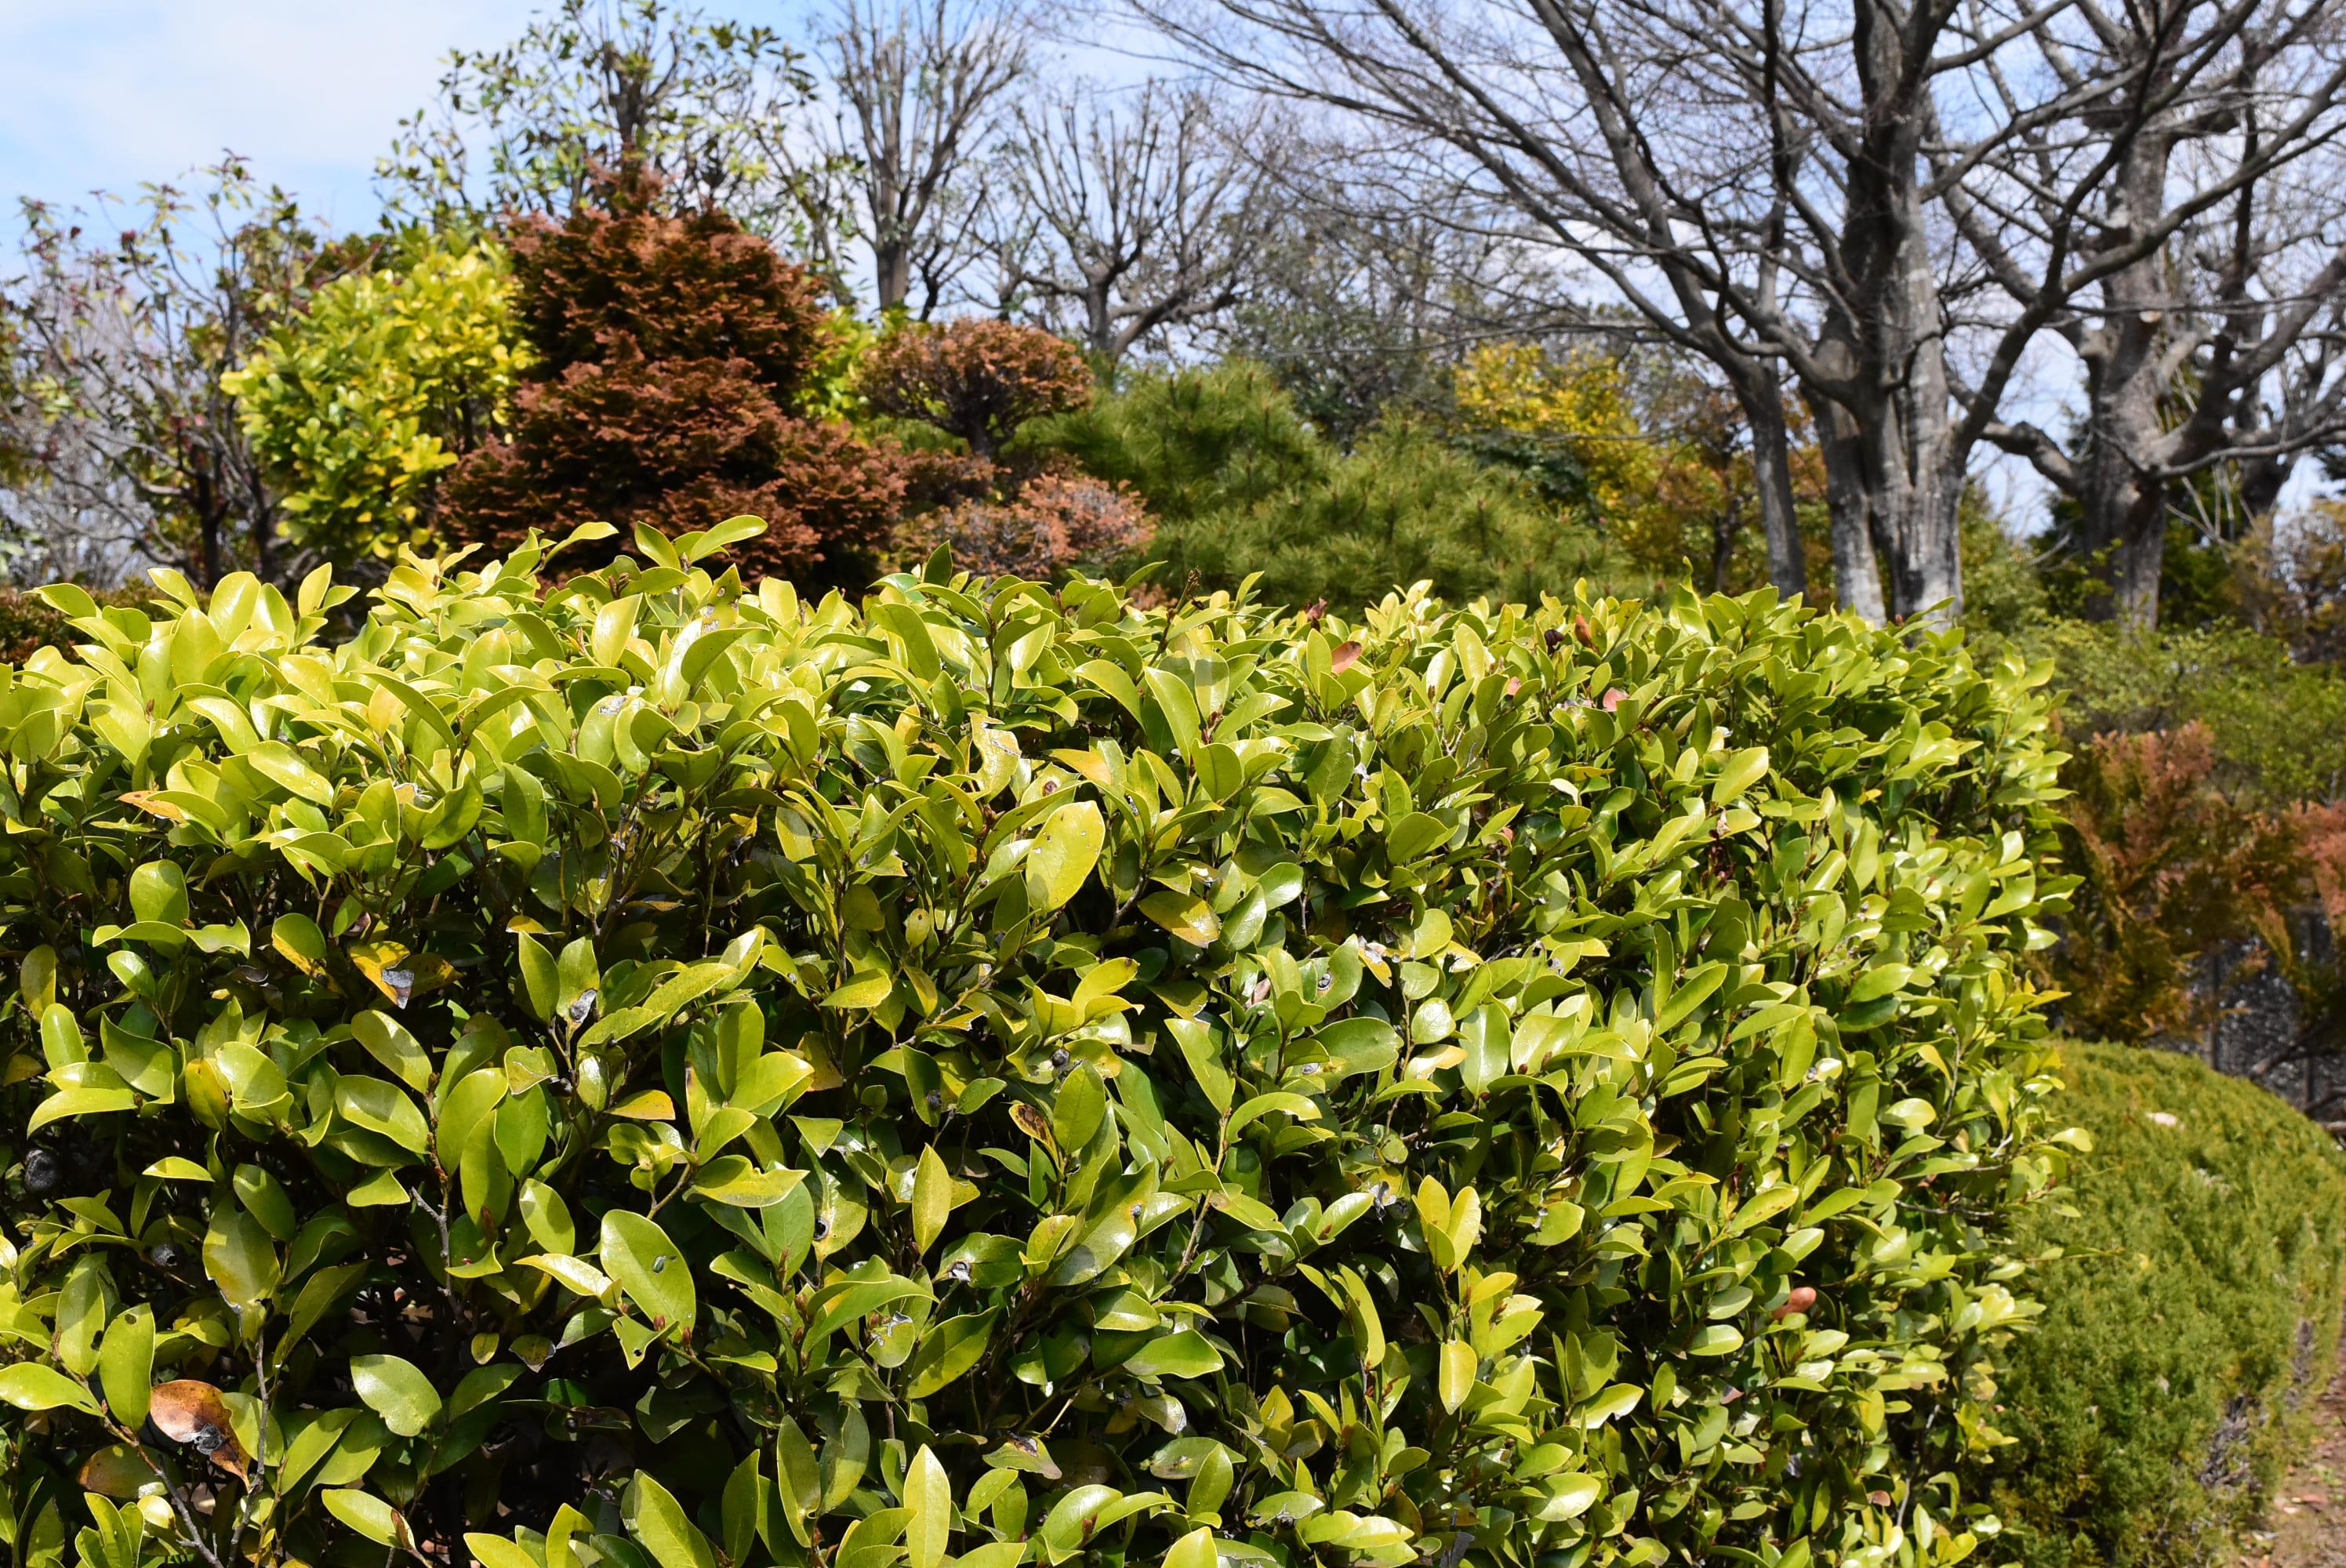 垣根に適した木 イスノキ